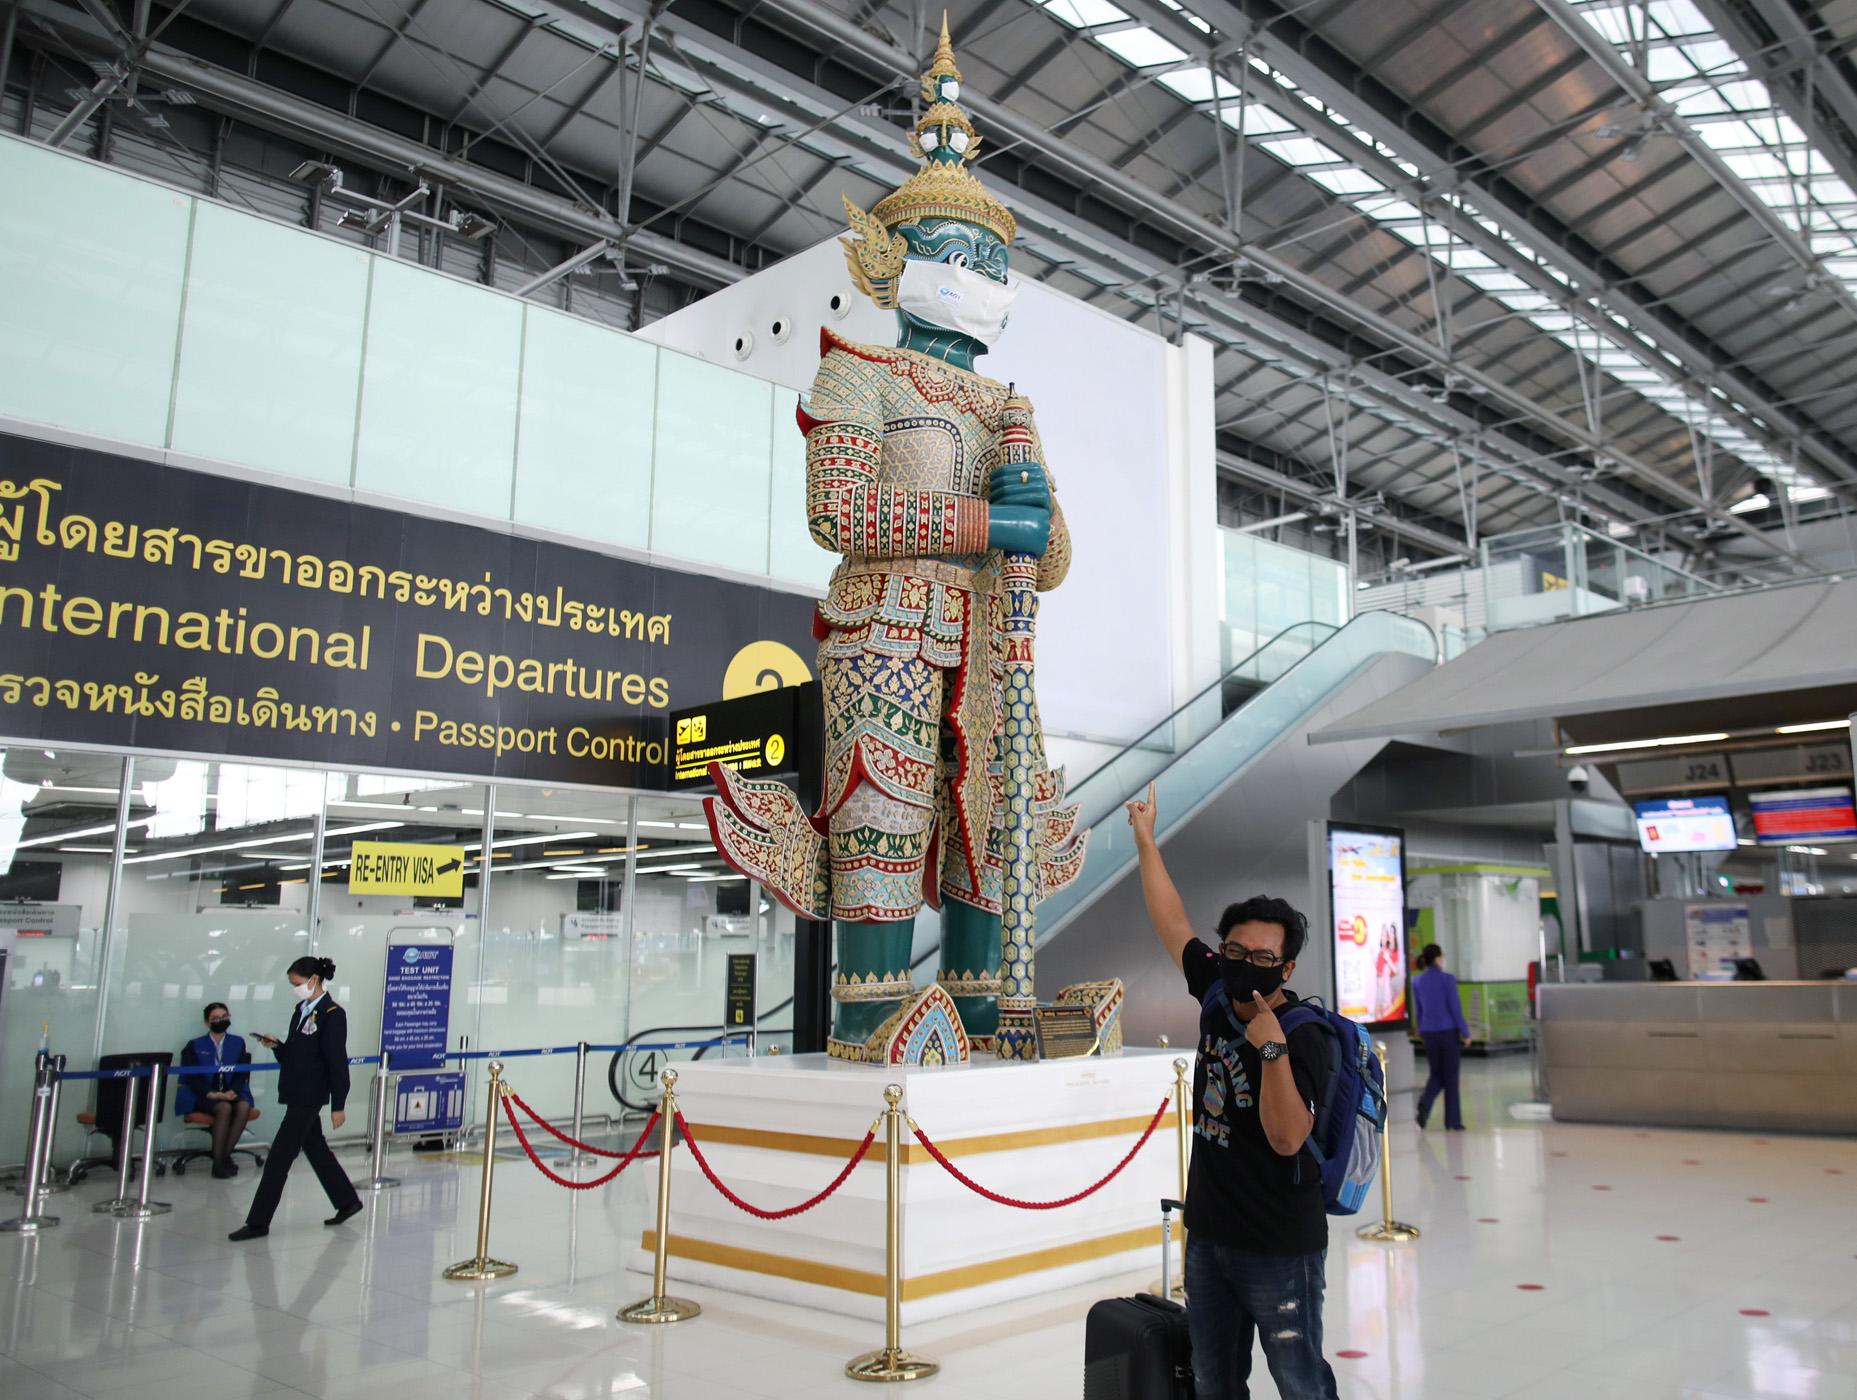 Κορονοϊός: 576 νέα κρούσματα στην Ταϊλάνδη